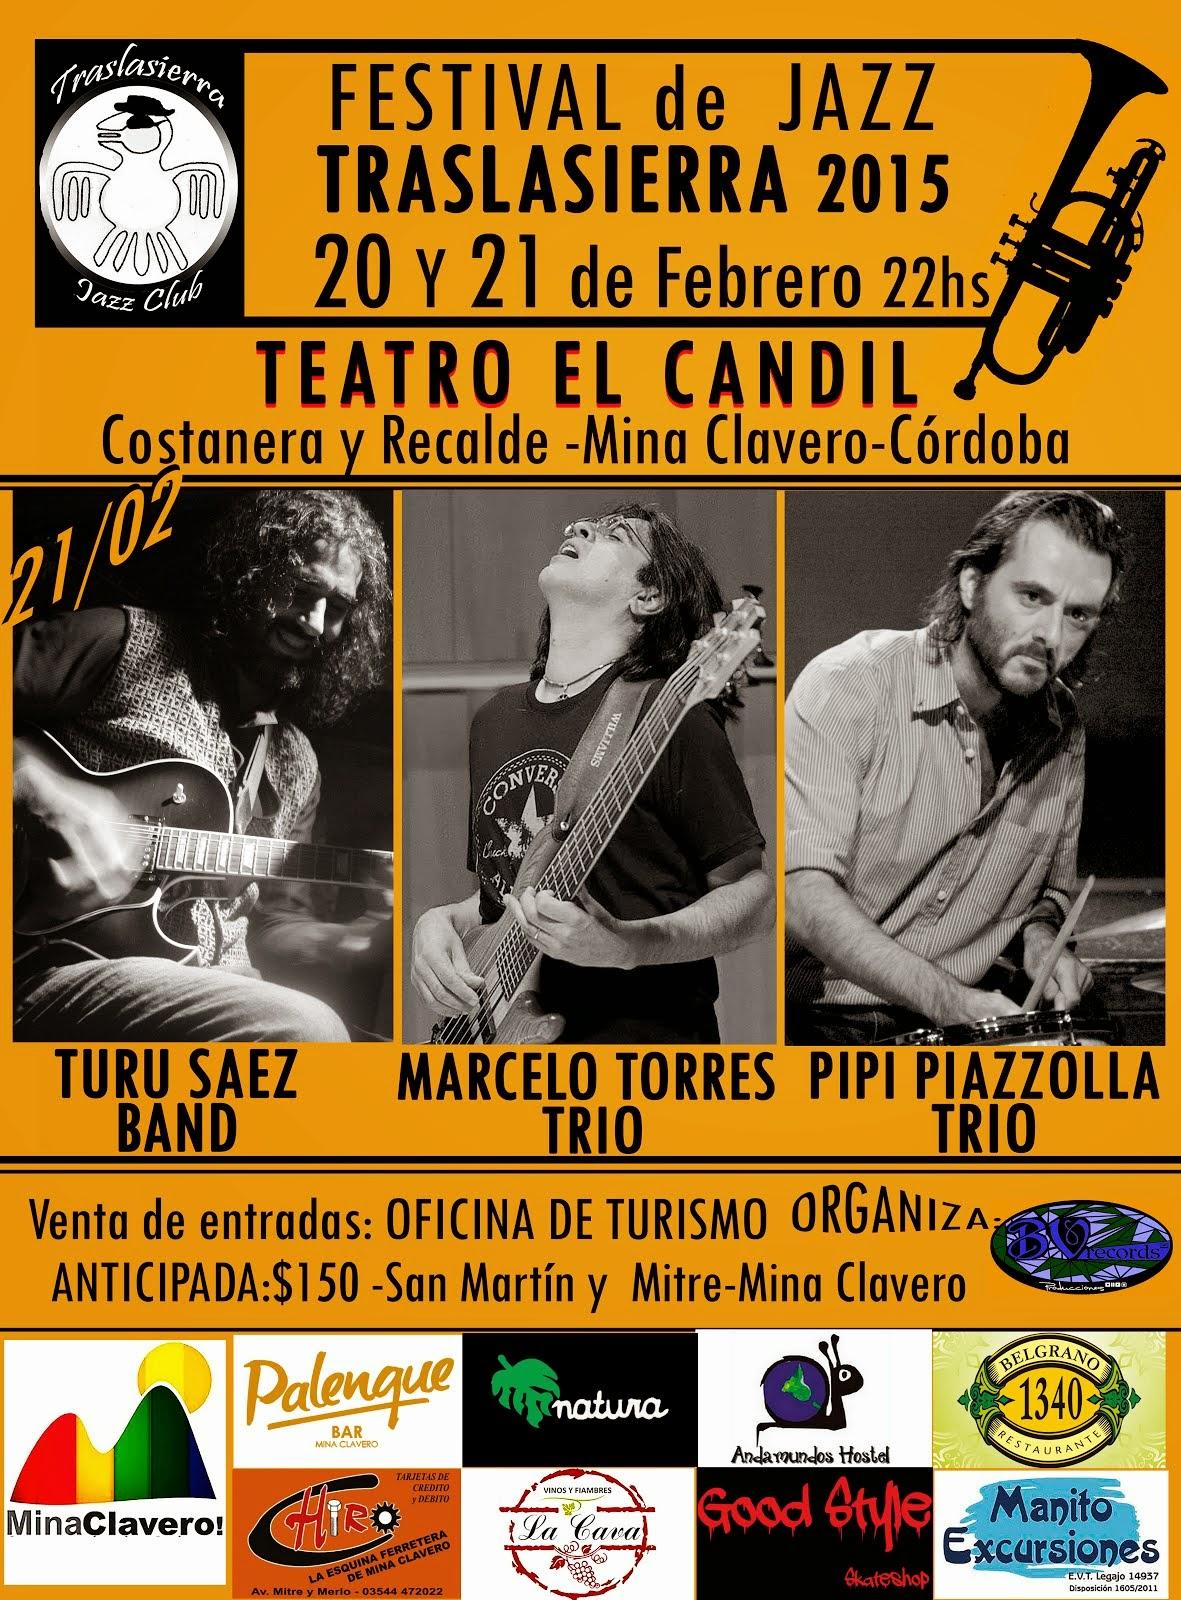 FESTIVAL de JAZZ TRASLASIERRA 21/02 22hs.